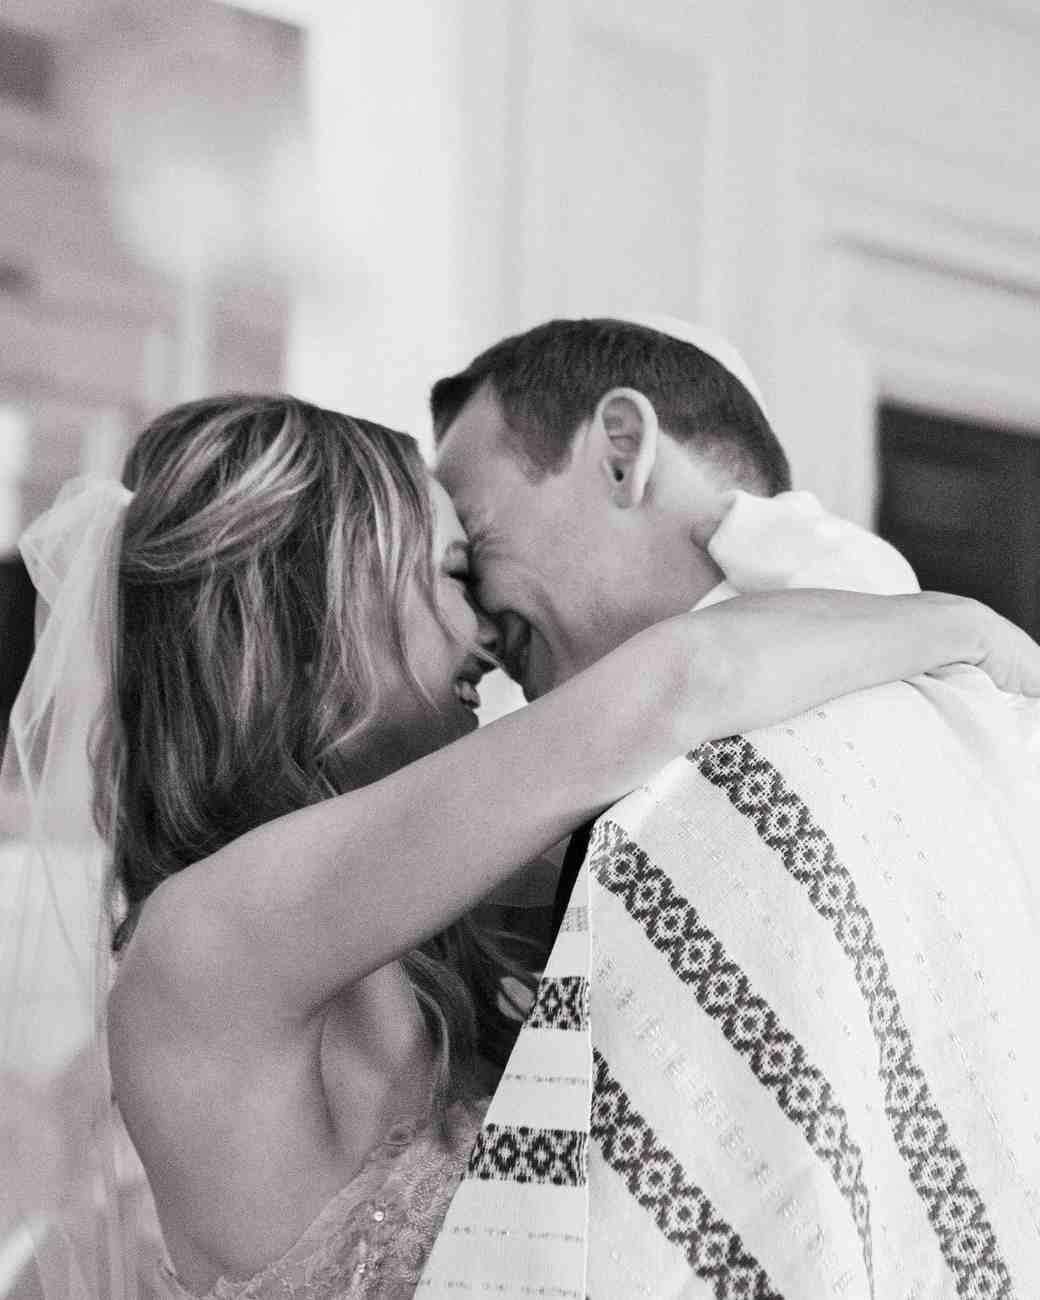 rebecca-david-wedding-new-york-newlyweds-kiss-390-d112241.jpg